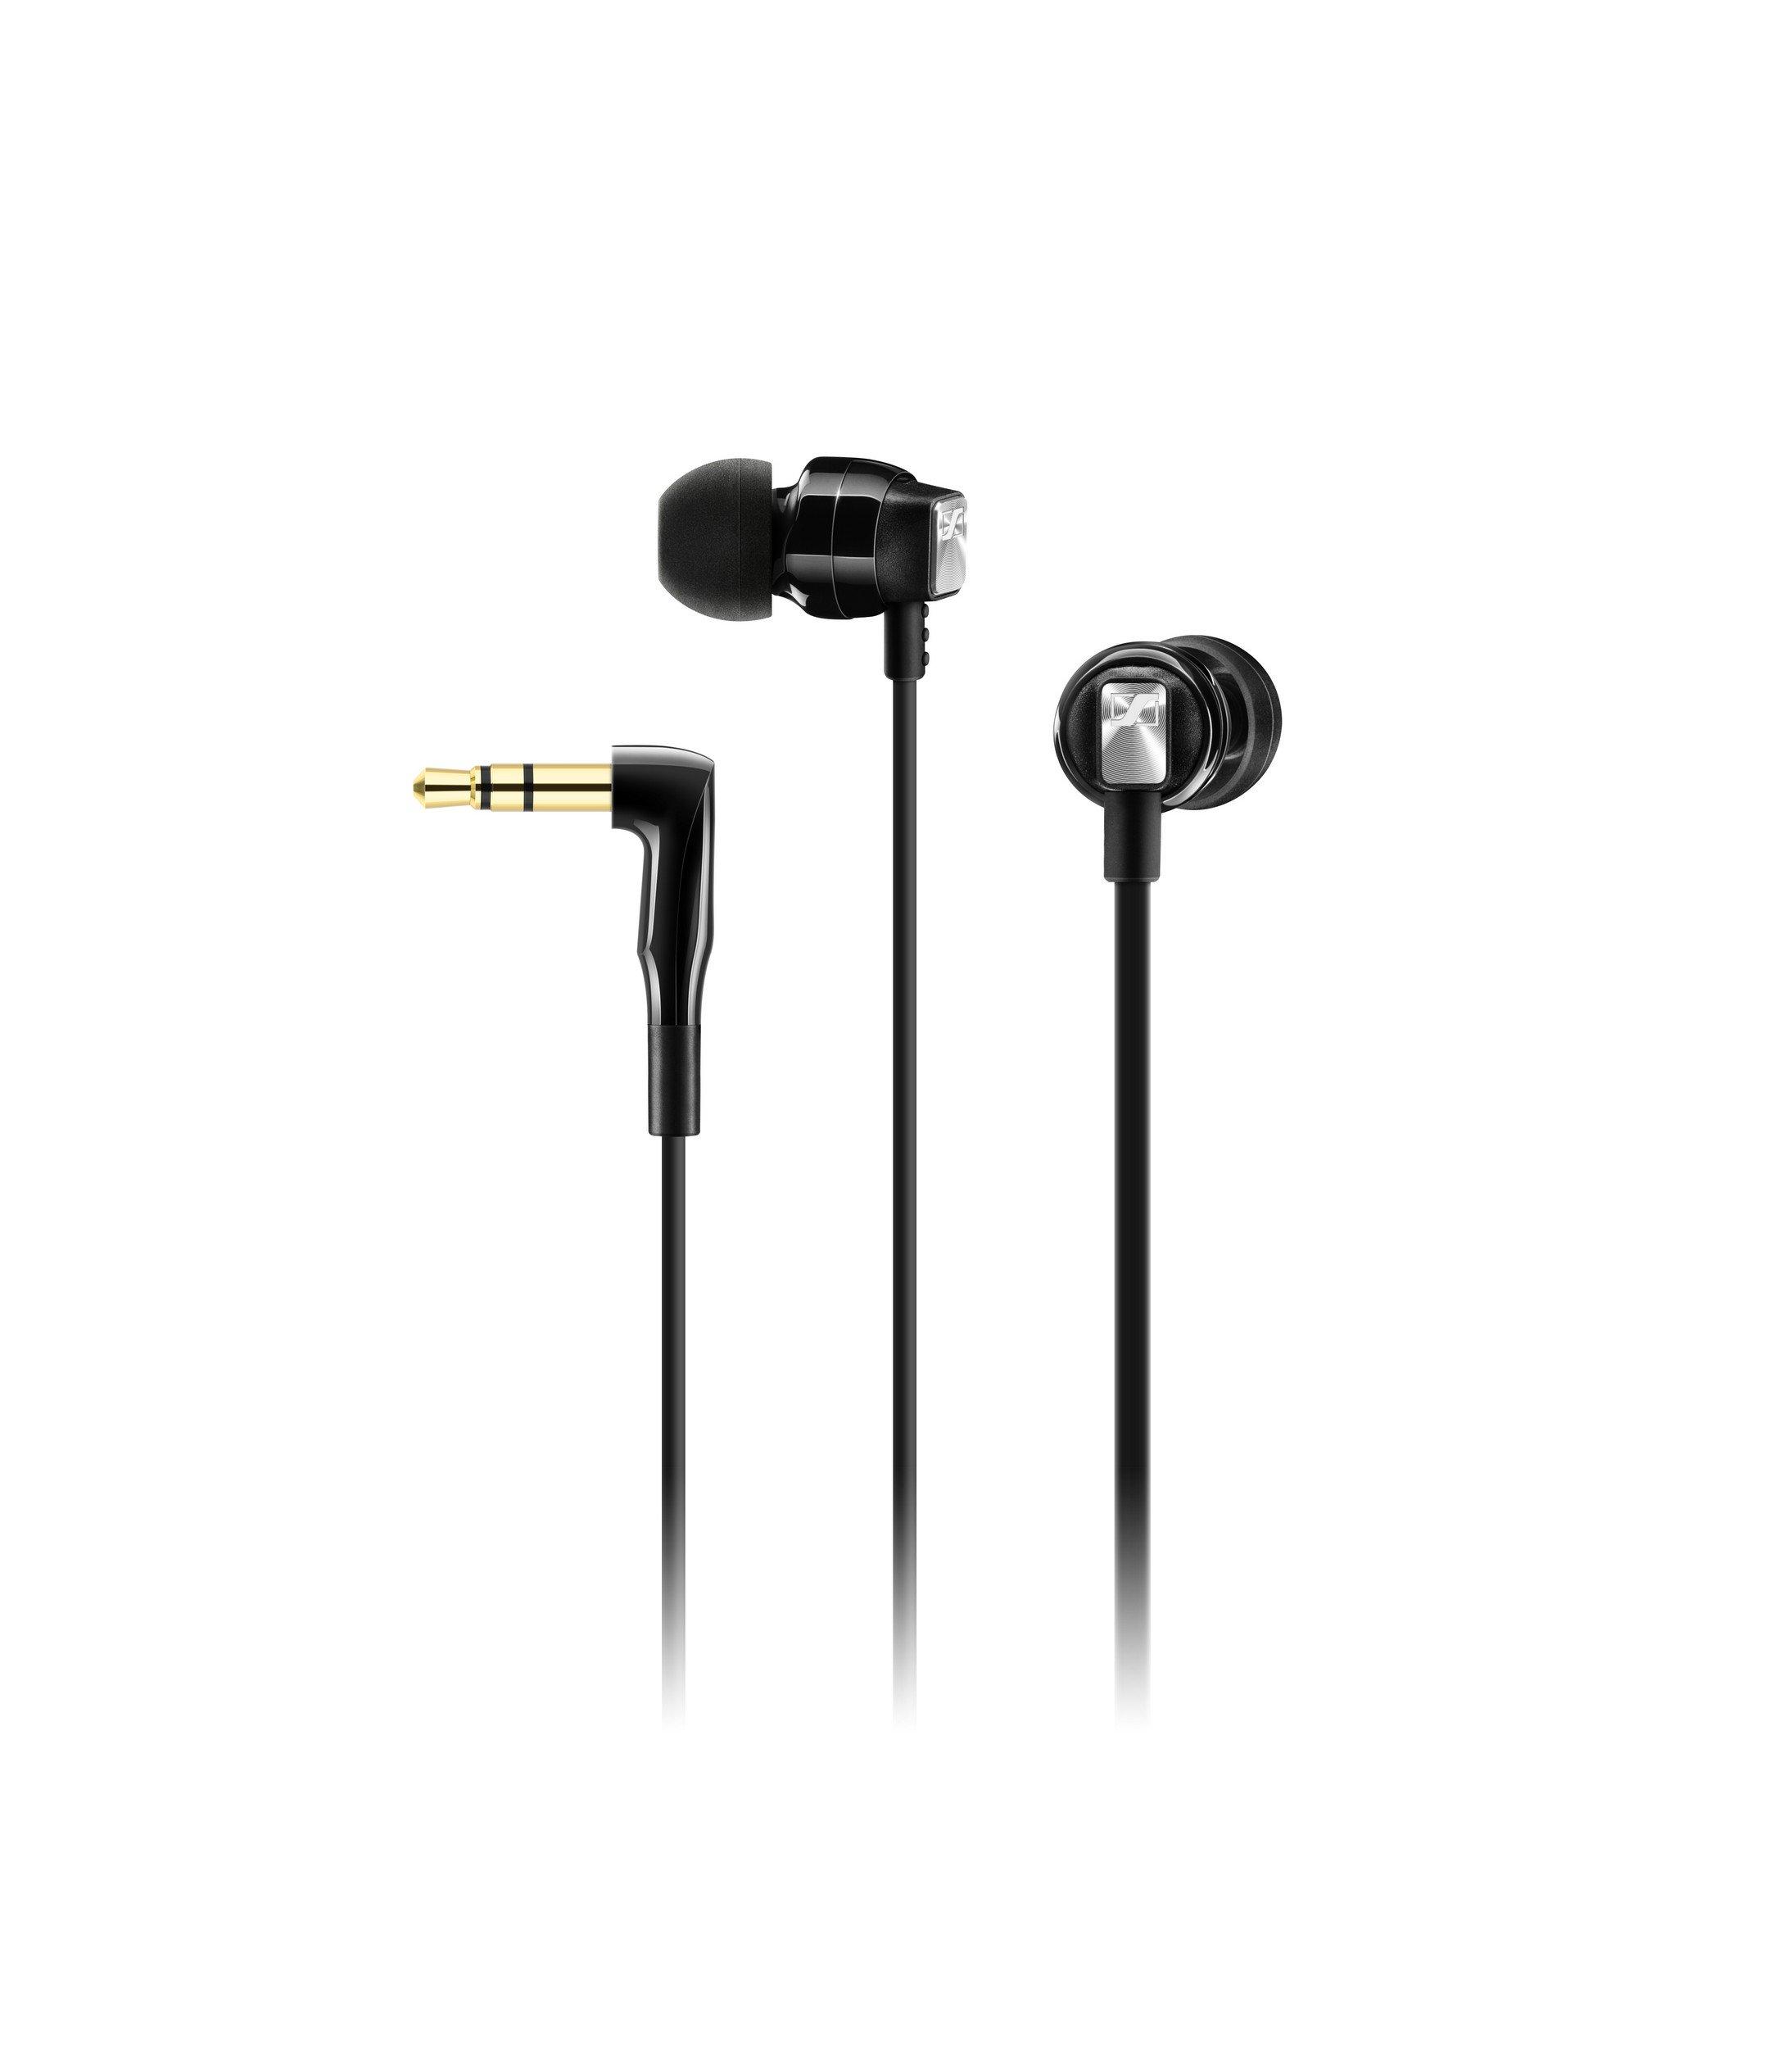 ゼンハイザーゼンハイザー新しいマーシャルマーシャル主IIIは、茶色のインイヤーヘッドフォンを、有線CX 3.00黒耳ヘッドフォン(メーカーが廃止)